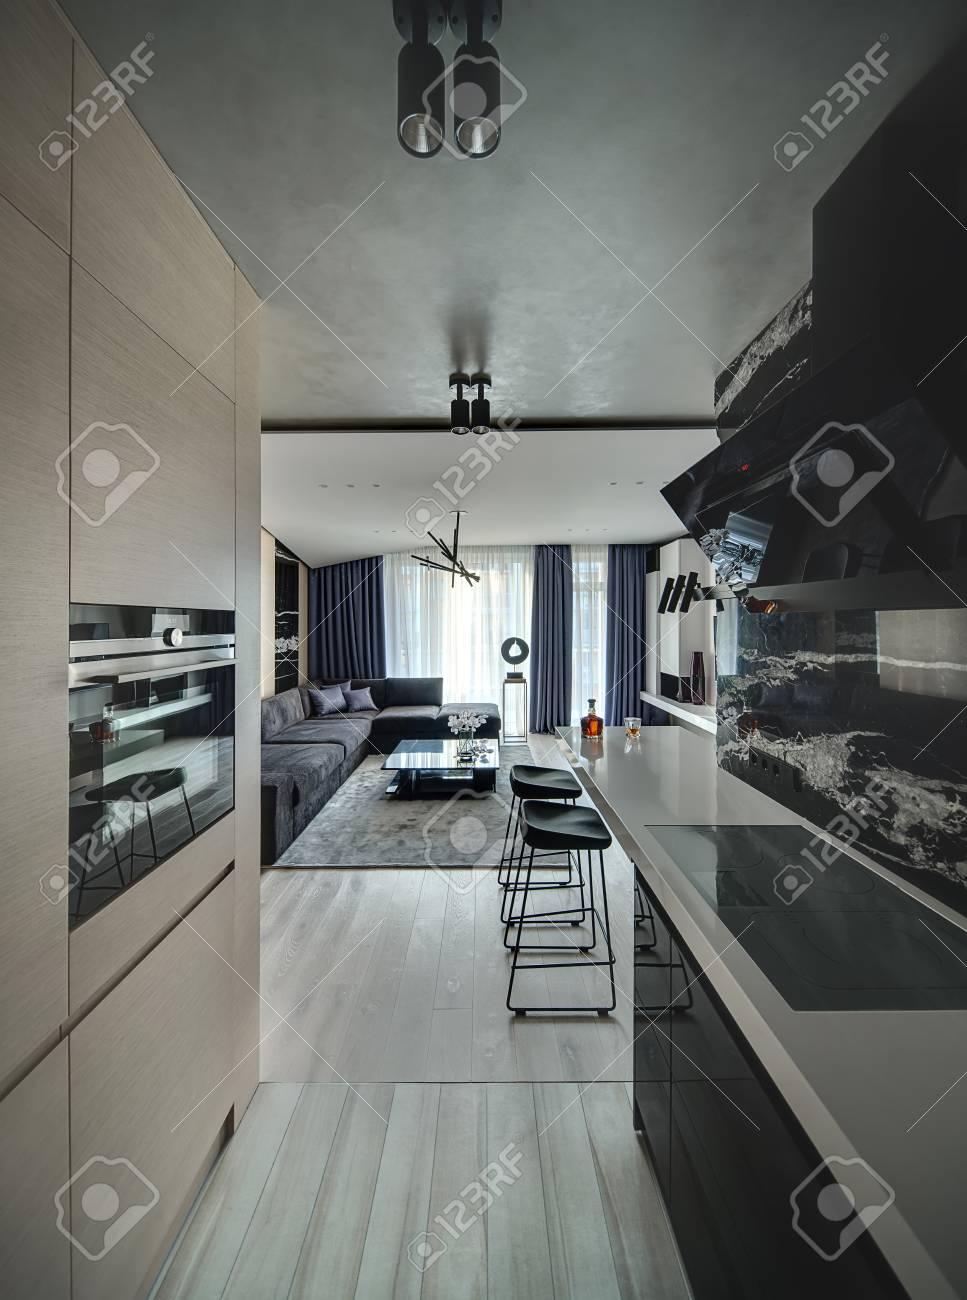 Interni In Stile Moderno Con Zona Cucina E Salotto. C\'è Un Muro Di ...